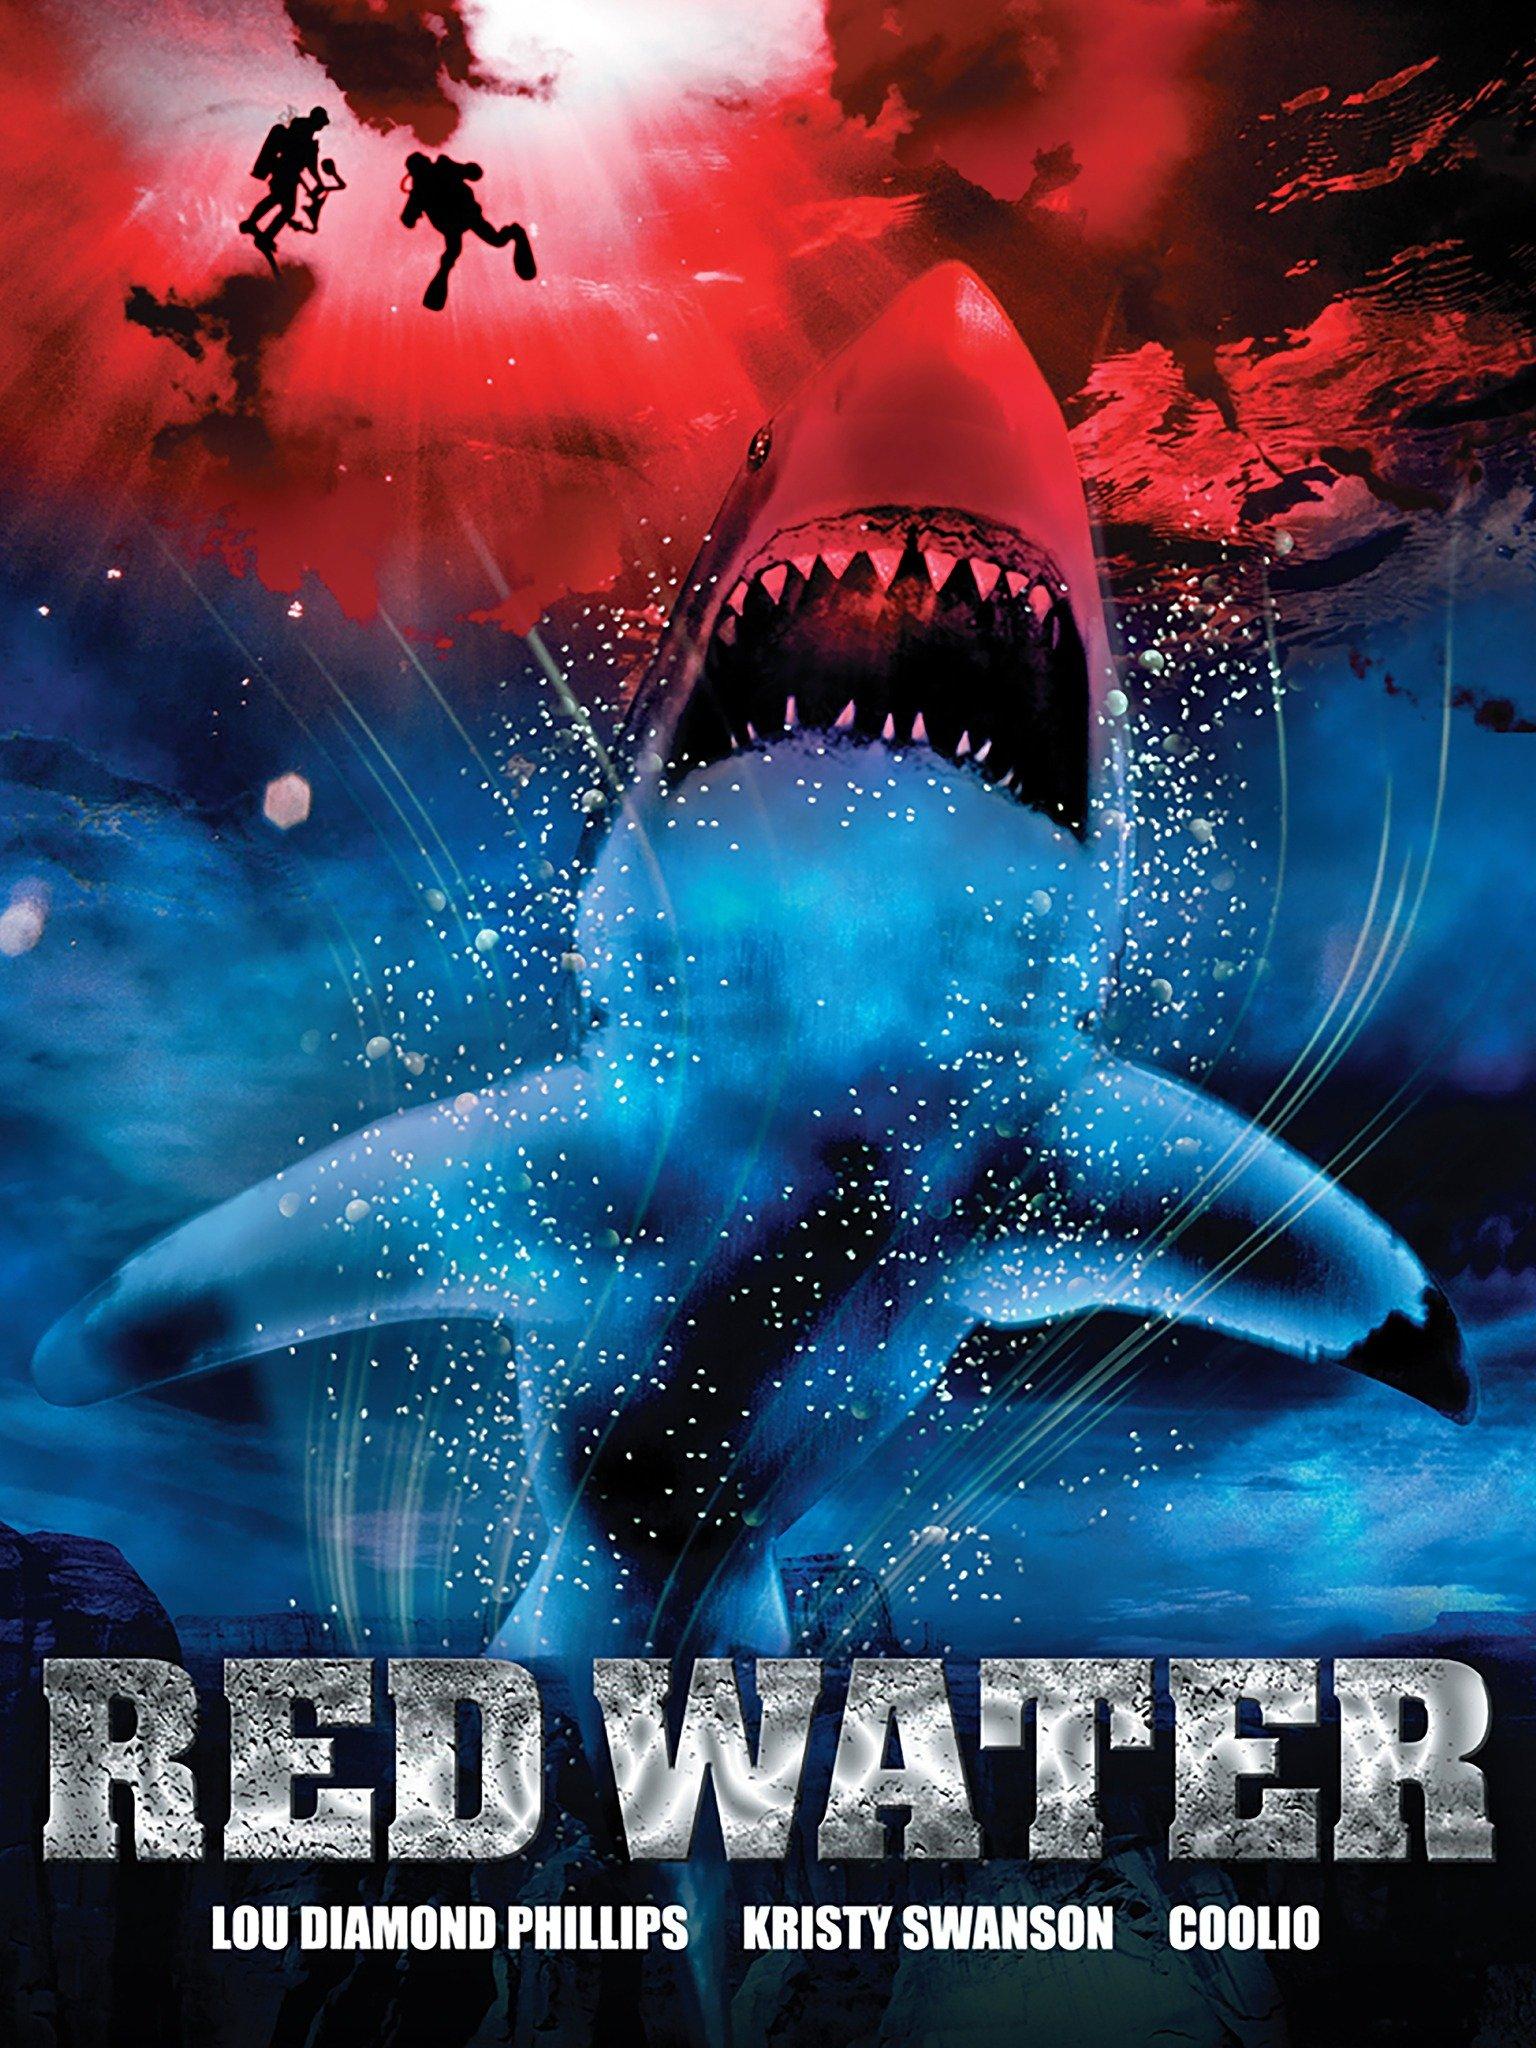 Film Red Water Sinopsis : water, sinopsis, Water, (2003), Rotten, Tomatoes